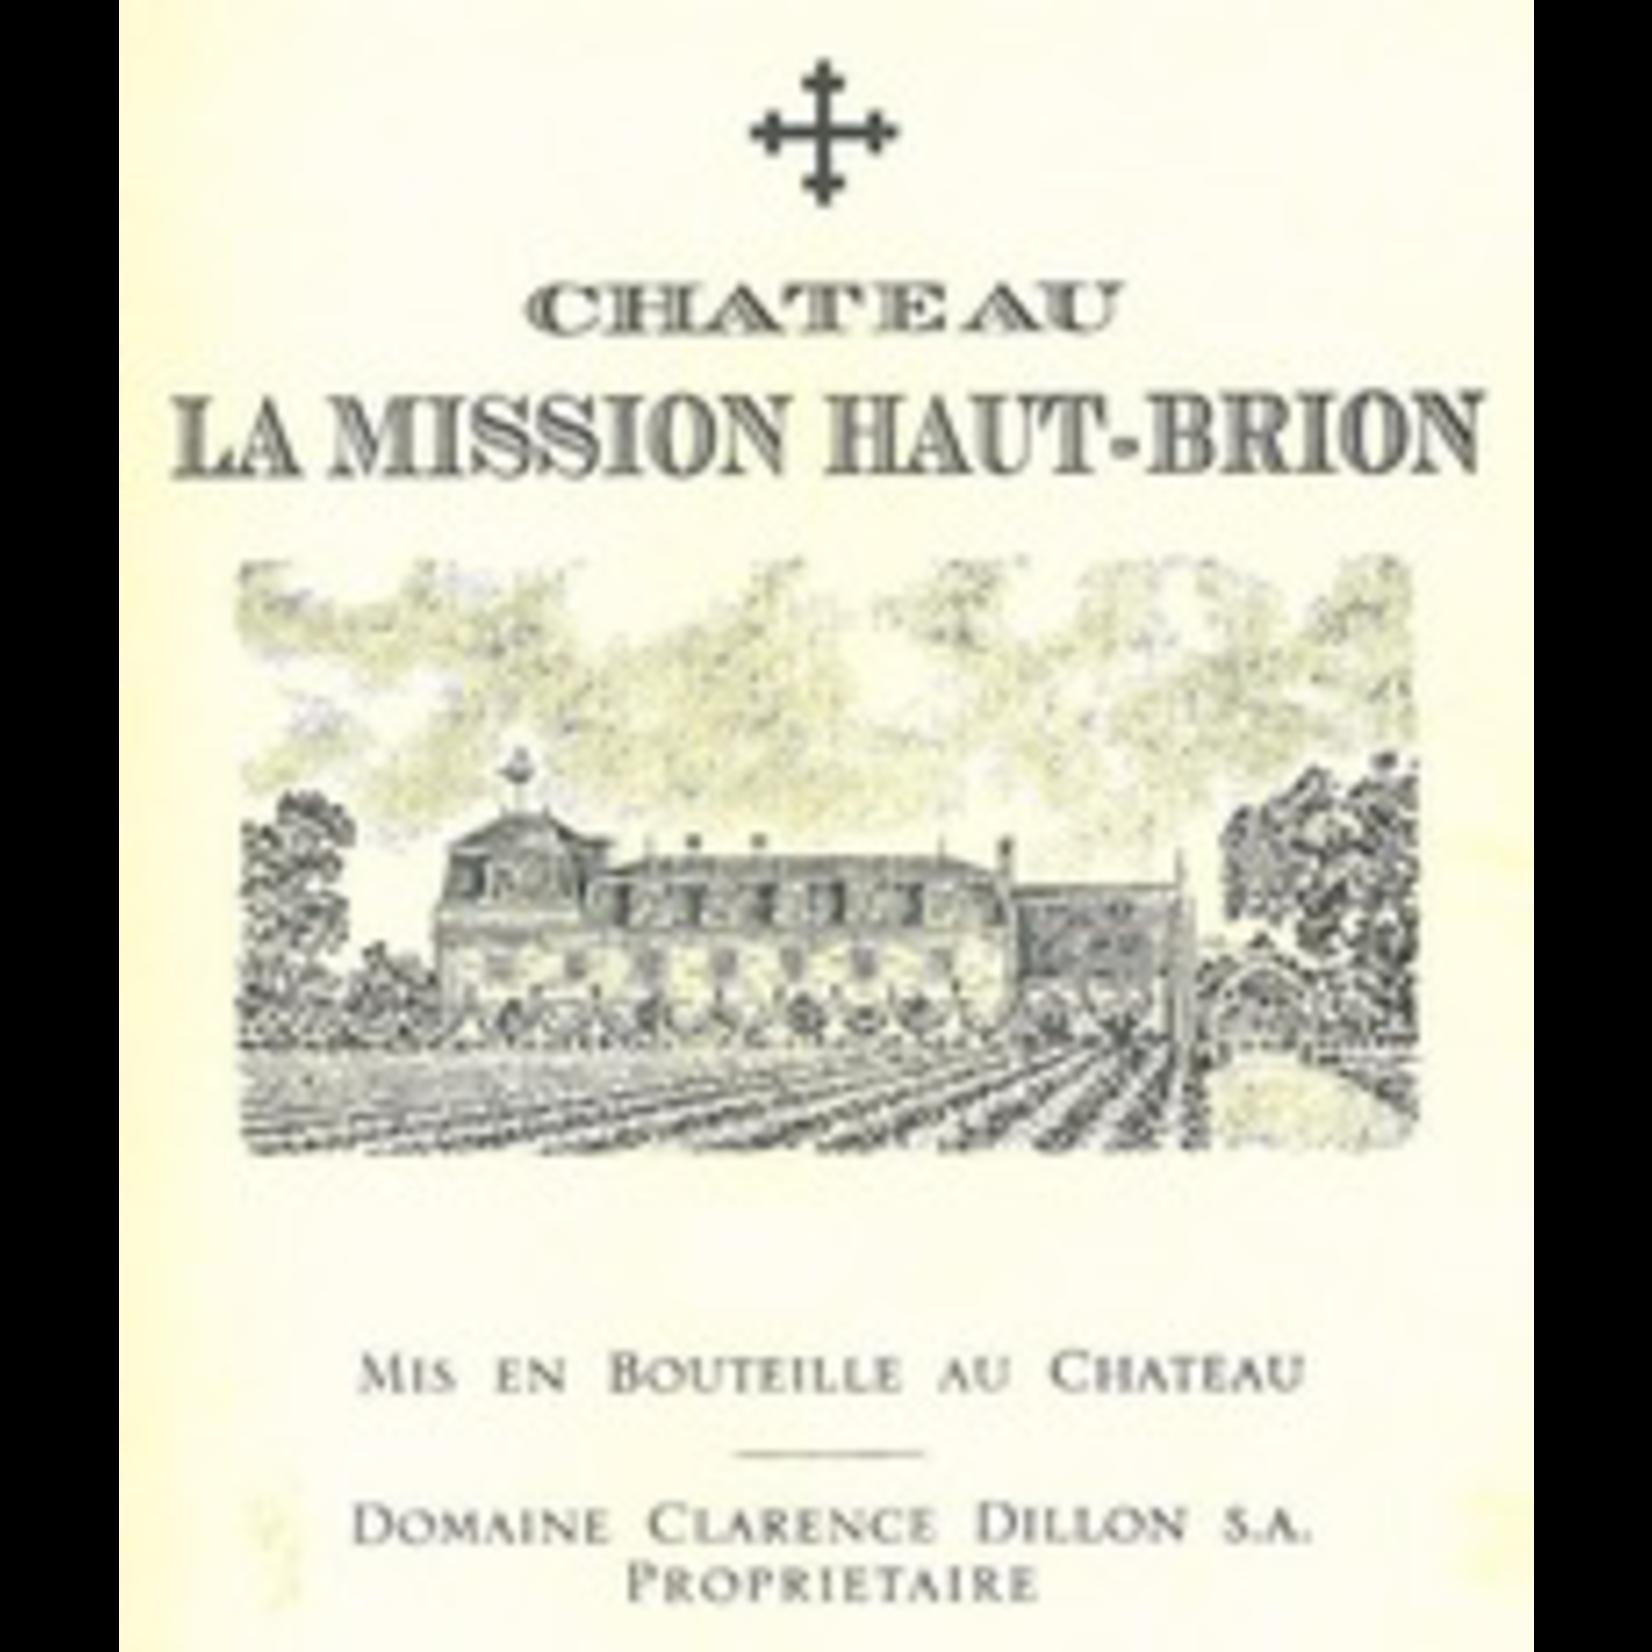 Chateau La Mission Haut-Brion 2010